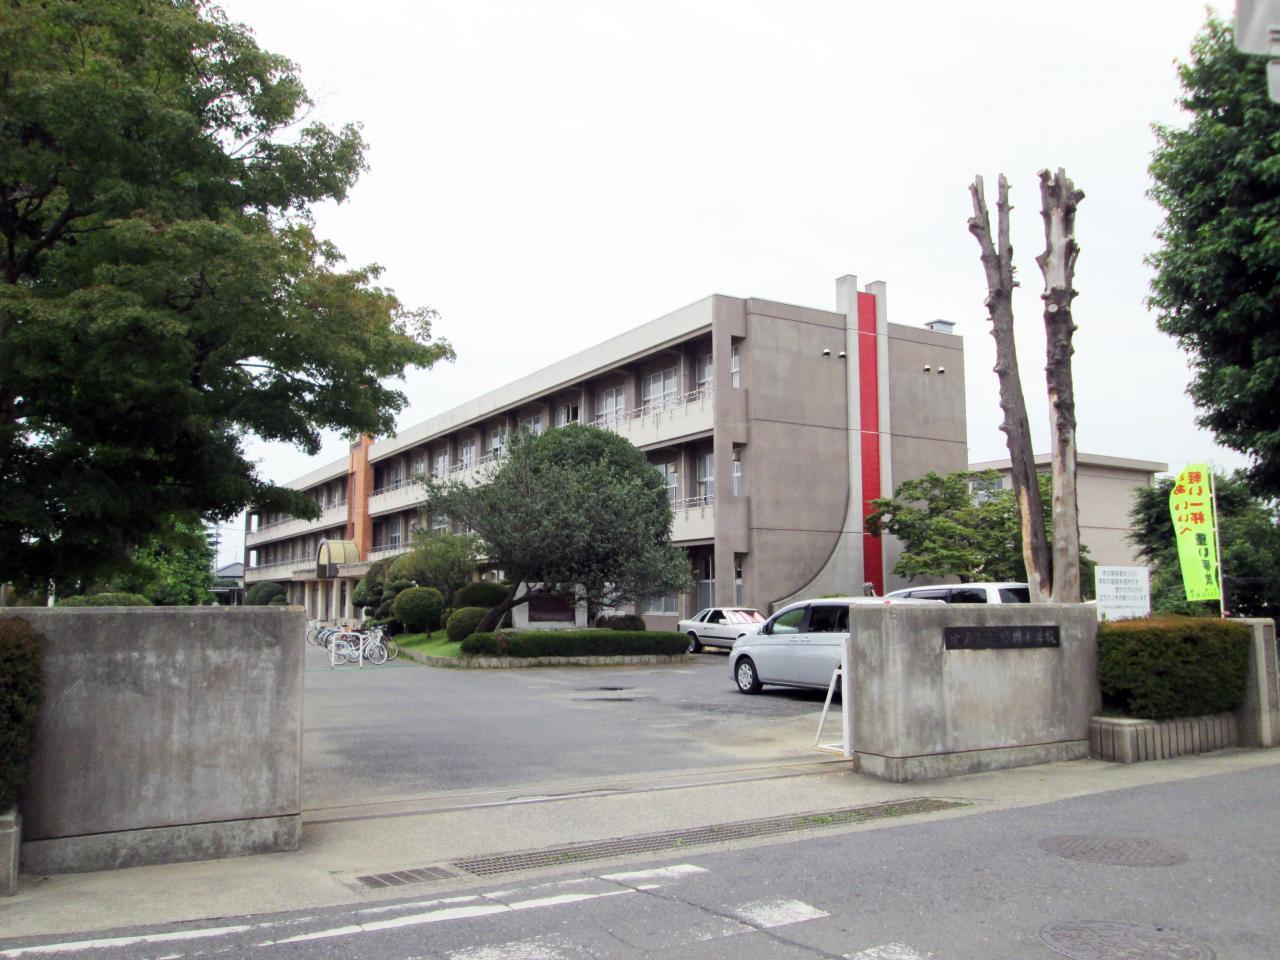 中古戸建 水戸市千波町 JR常磐線(取手〜いわき)水戸駅 2500万円